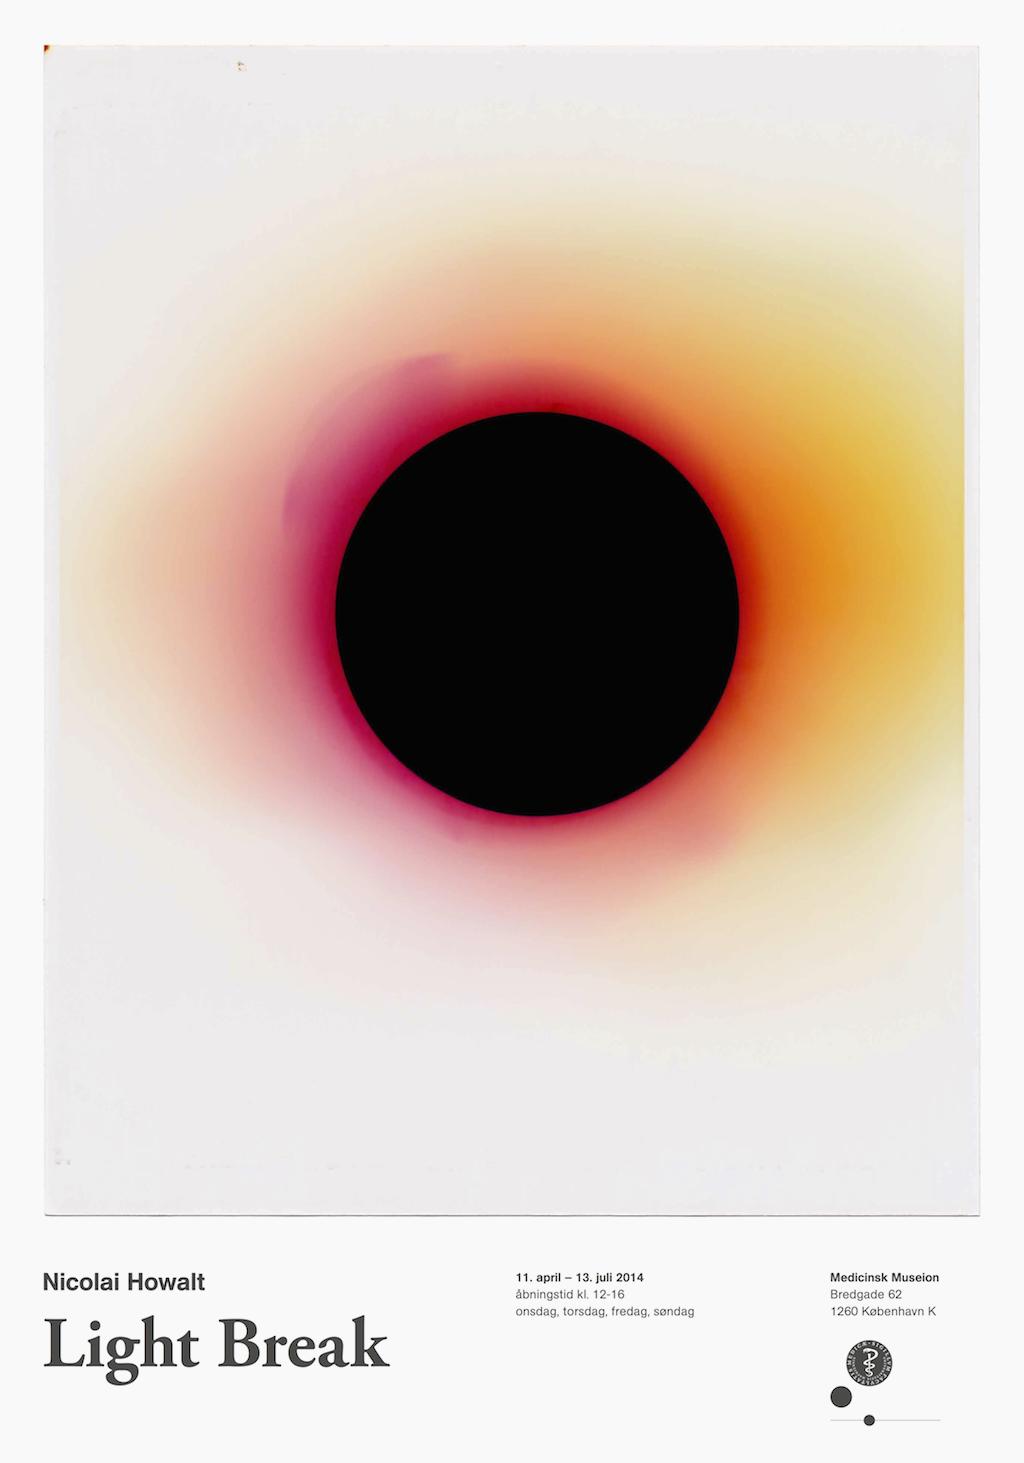 Light Break poster by artist Nicolai Howalt measuring 70 x 100 cm.